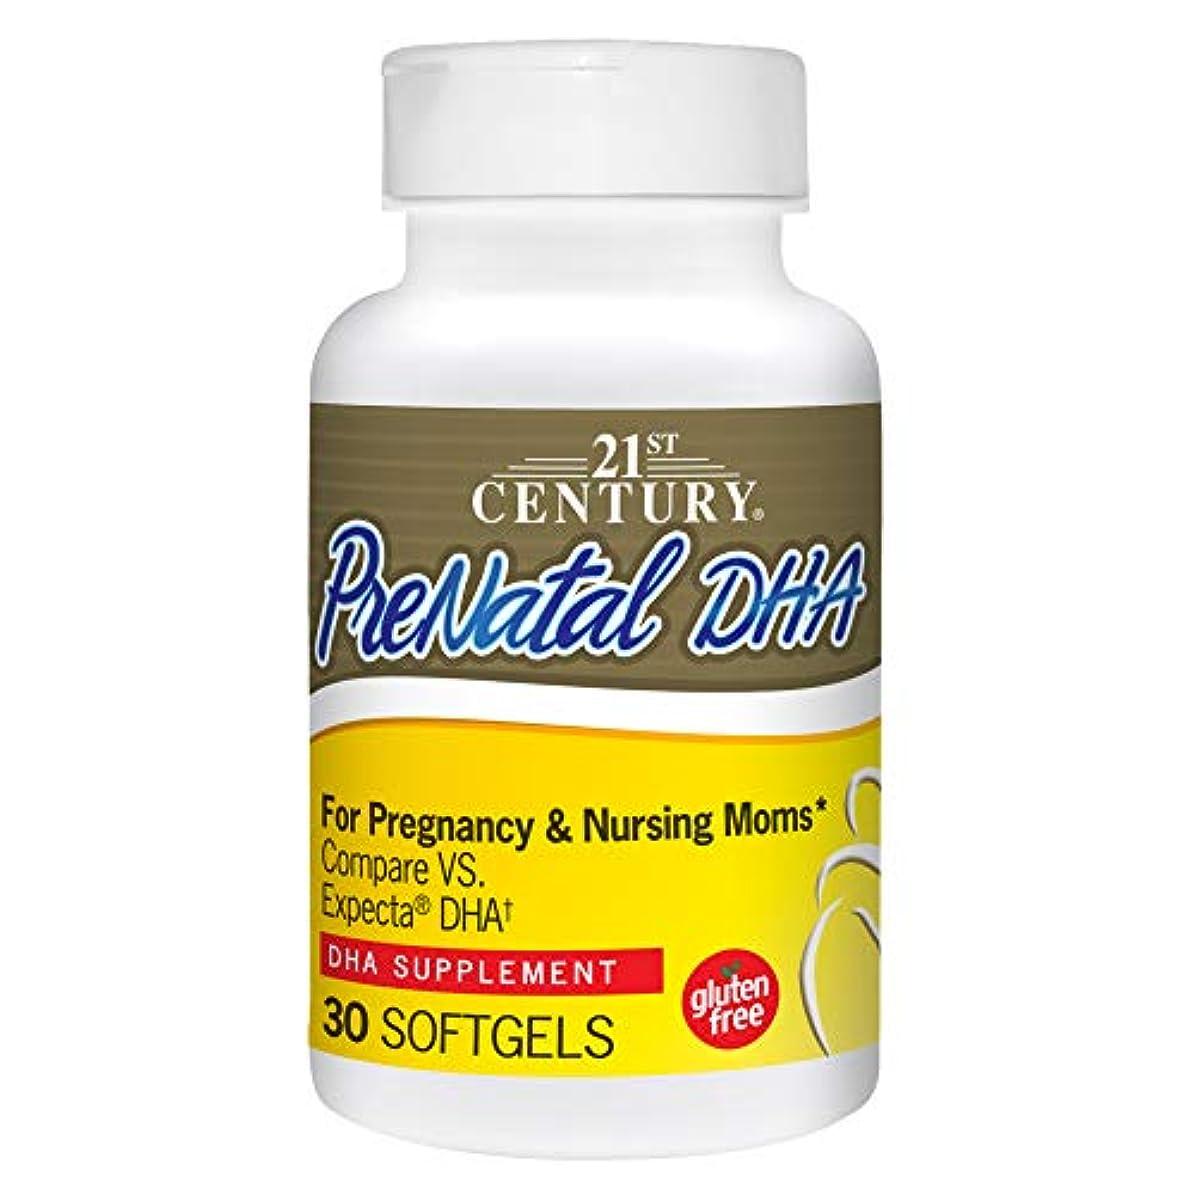 因子授業料アームストロング妊婦用 PreNatal DHA 出生前DHA30ソフトジェル (パラレル入力品)と妊婦(海外カラの直送品)PreNatal DHA 30 Softgels